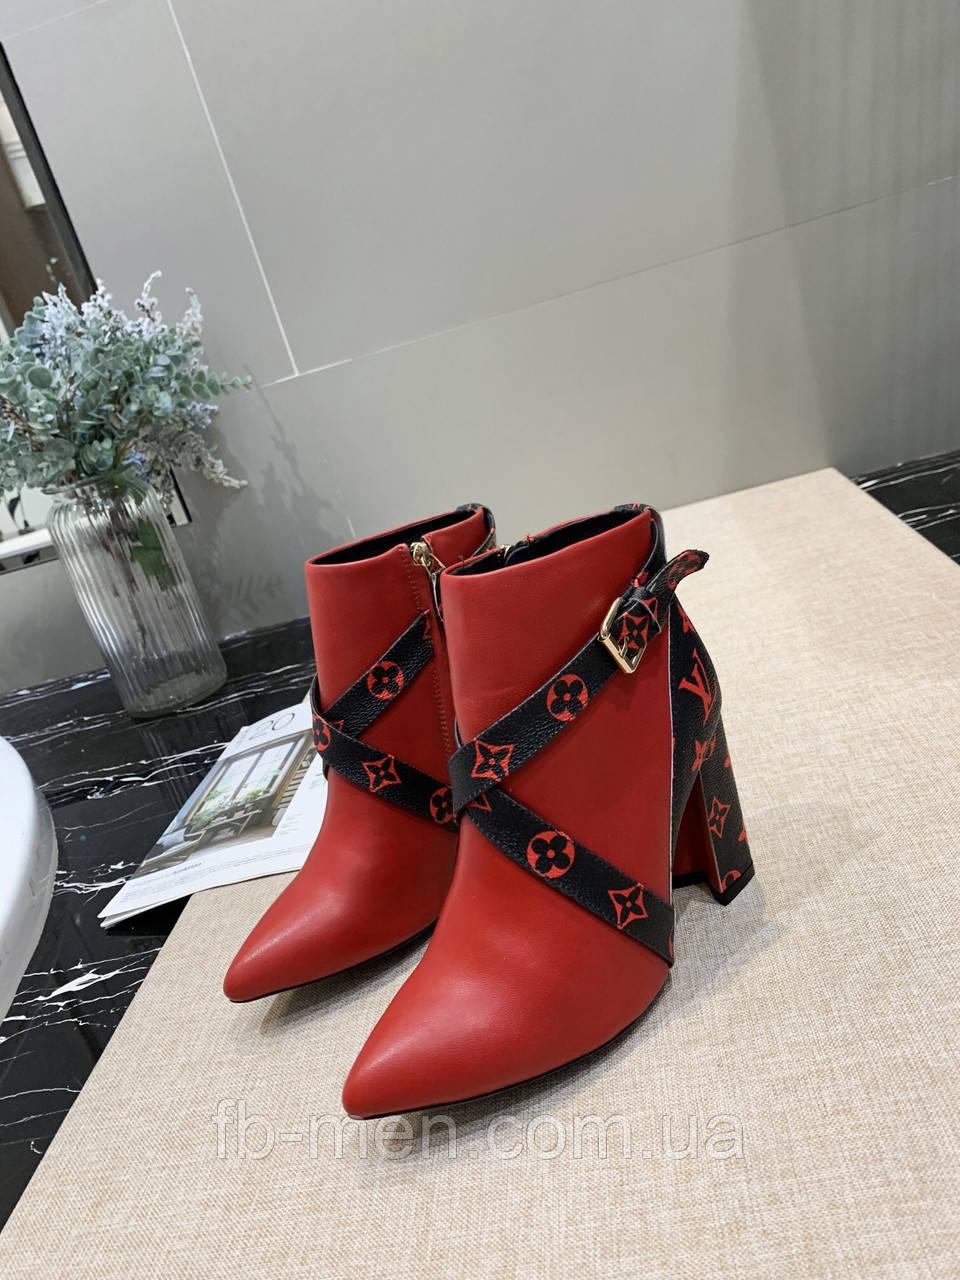 Красные ботильоны Louis Vuitton с темными элементами монограмм